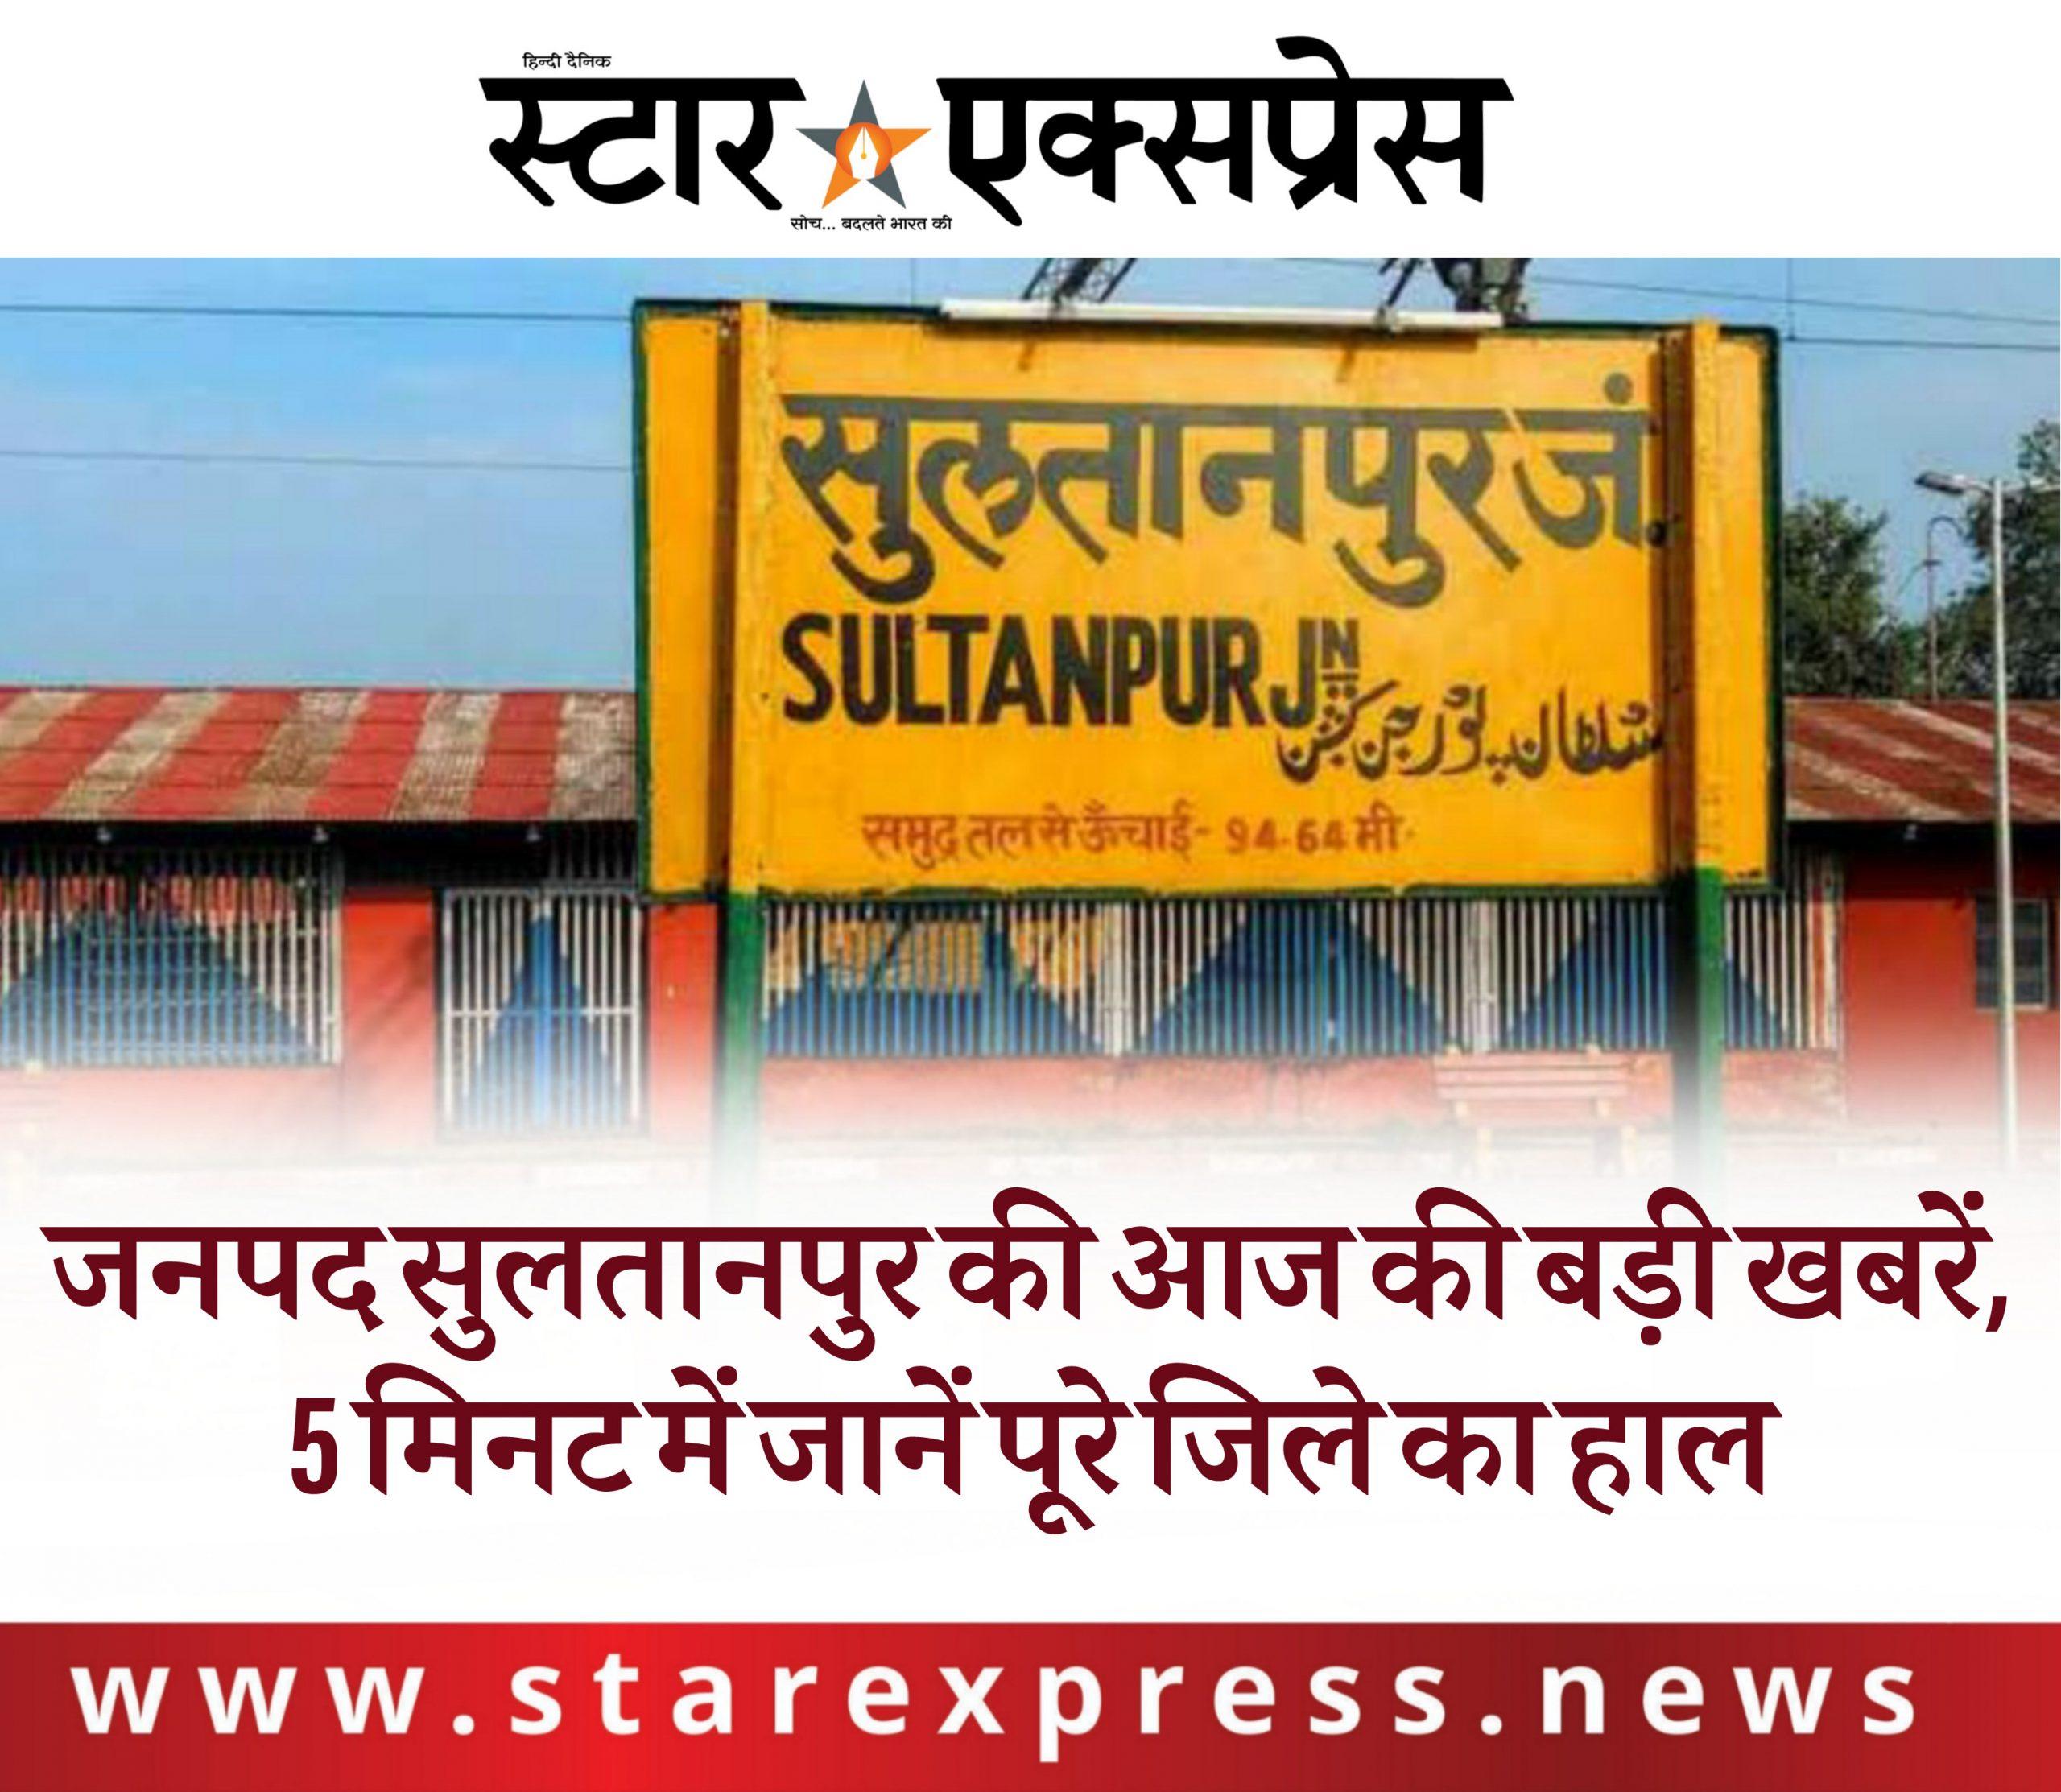 Photo of जनपद सुलतानपुर की आज की बड़ी खबरें, 5 मिनट में जानें पूरे जिले का हाल